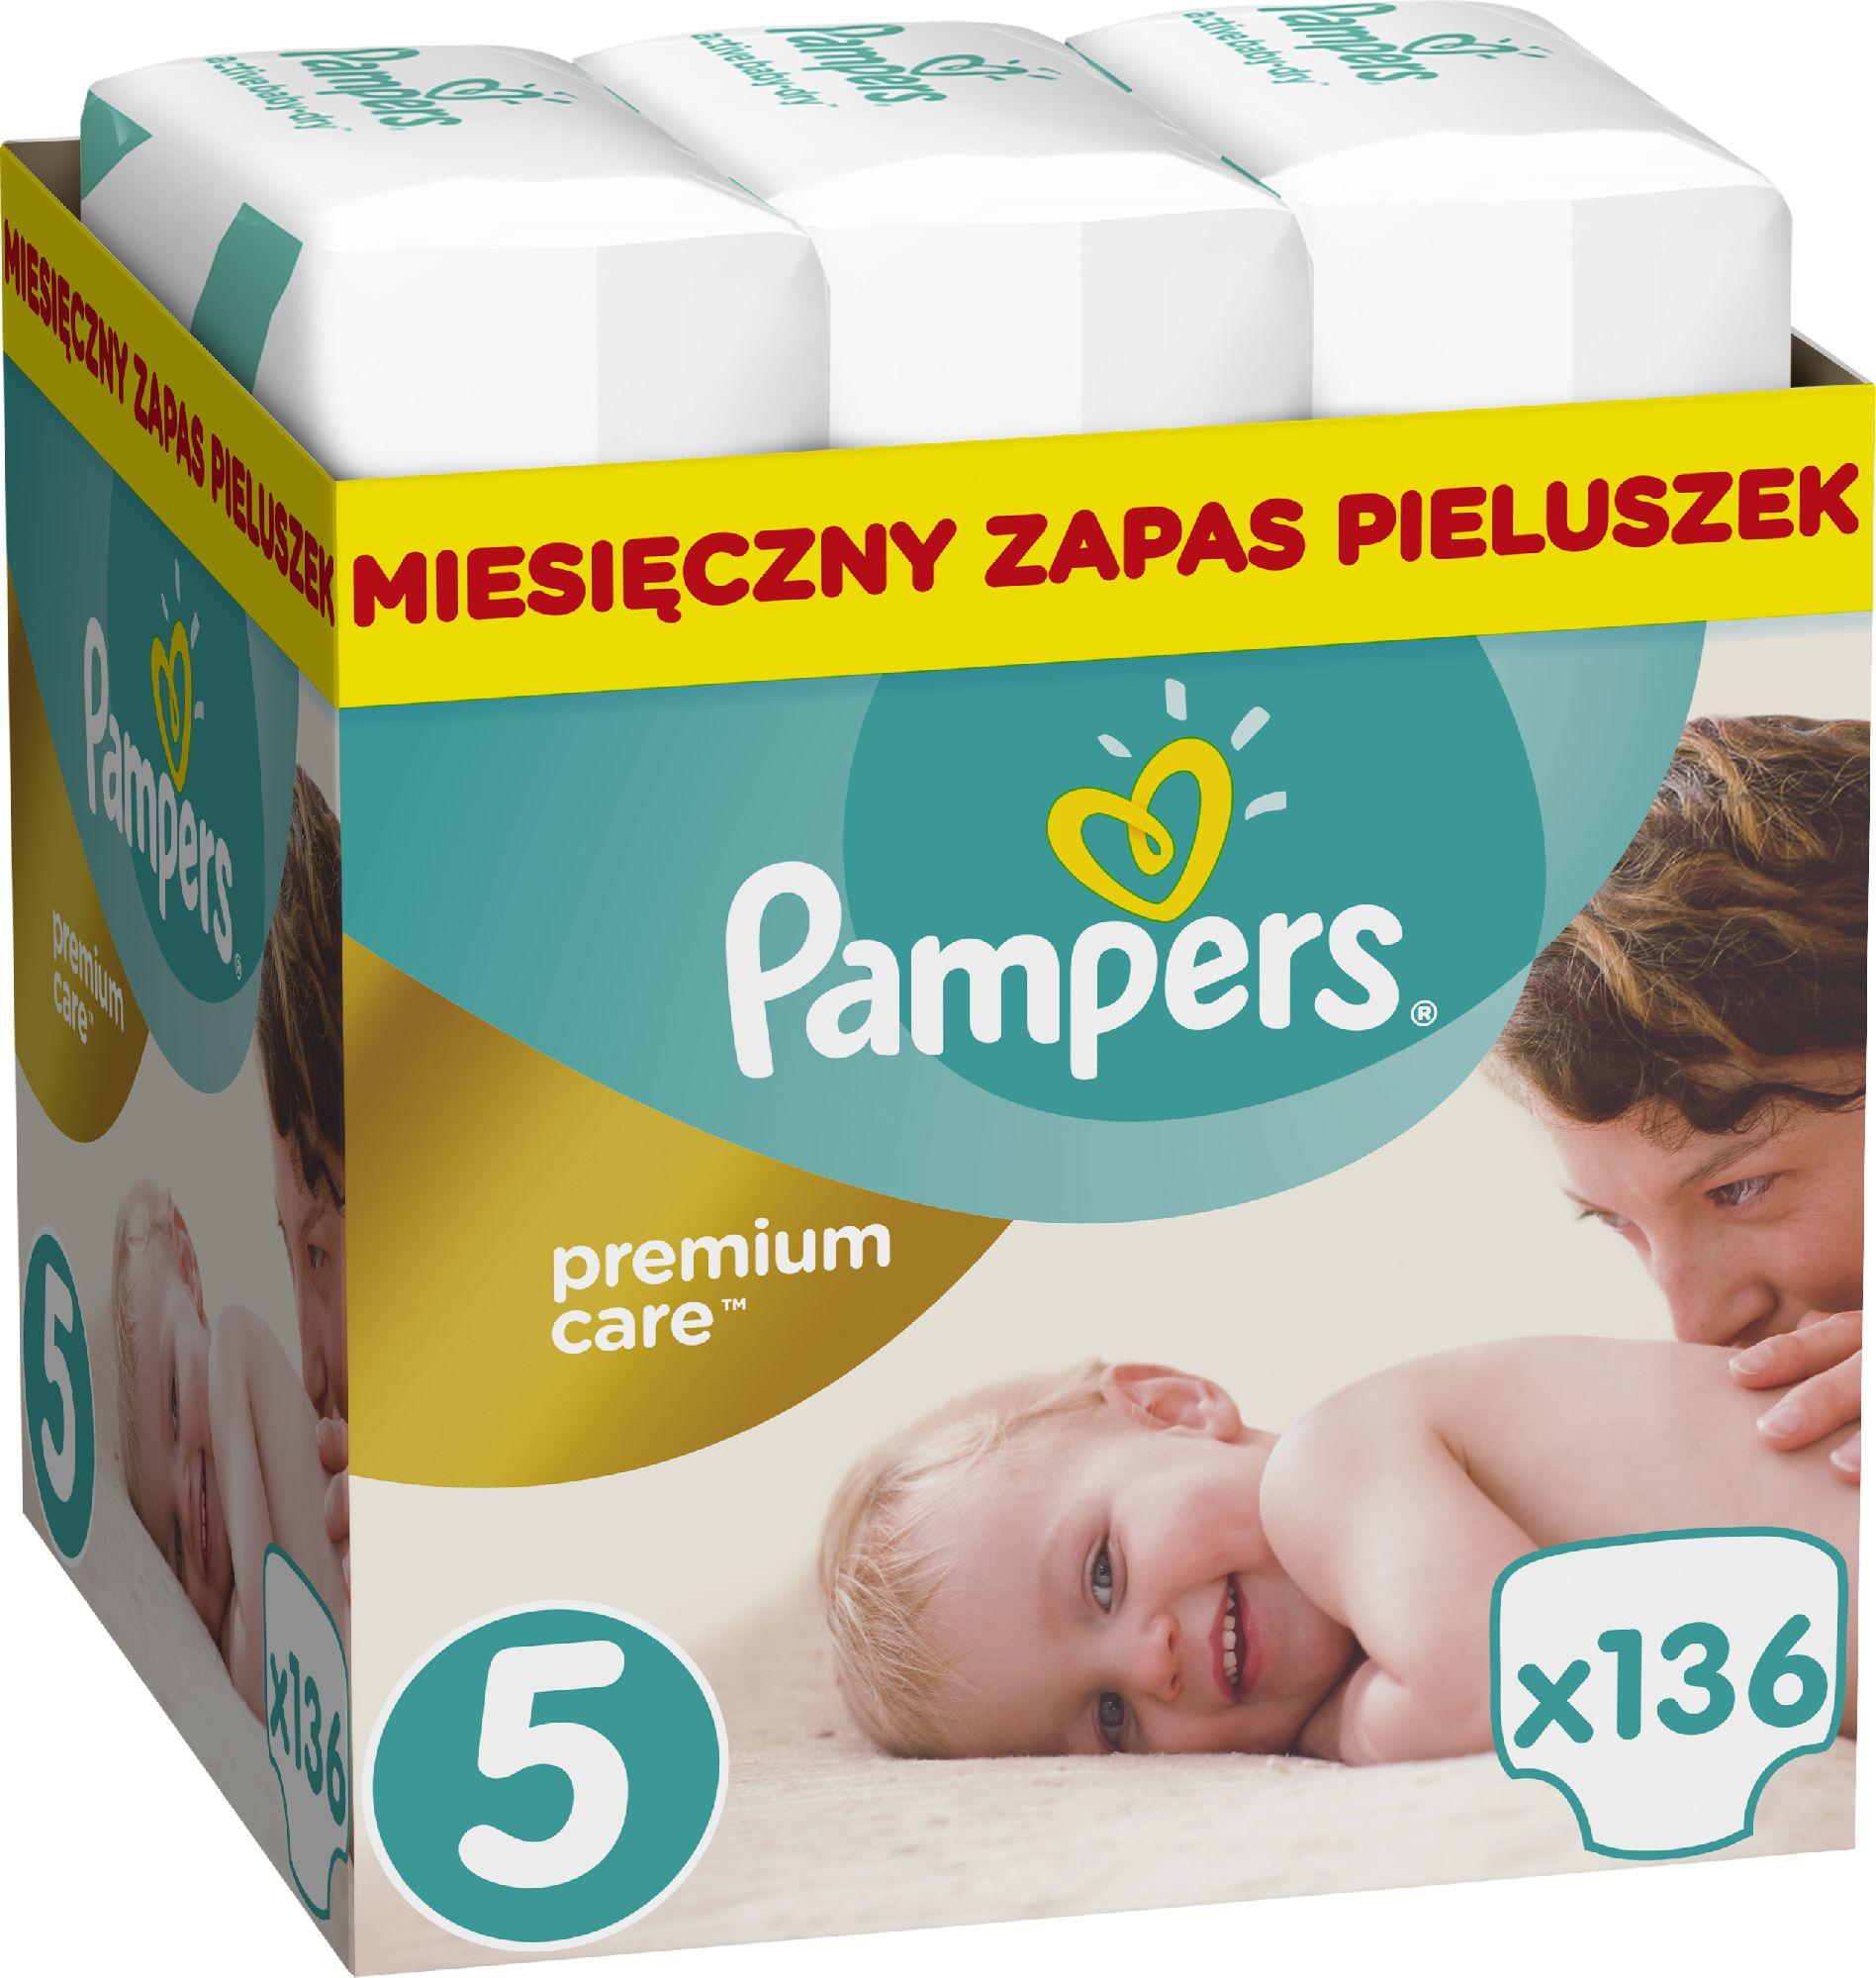 Pampers Premium Care Rozmiar 5 (Junior), 11-18kg, 136 Pieluszek 977207